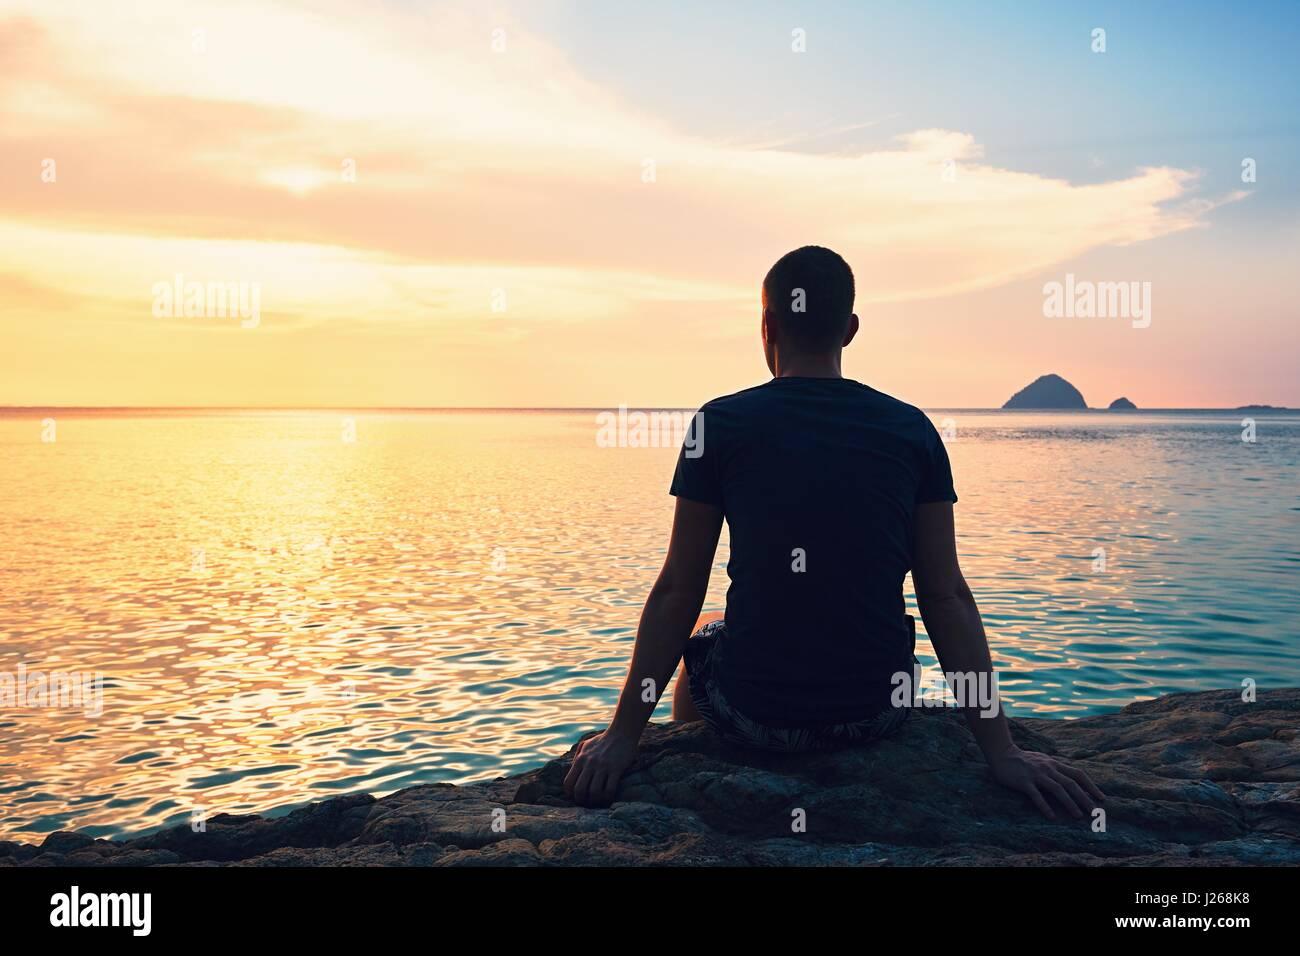 Betrachtung auf den wunderschönen Sonnenuntergang. Silhouette des jungen Mannes am Strand. Stockbild